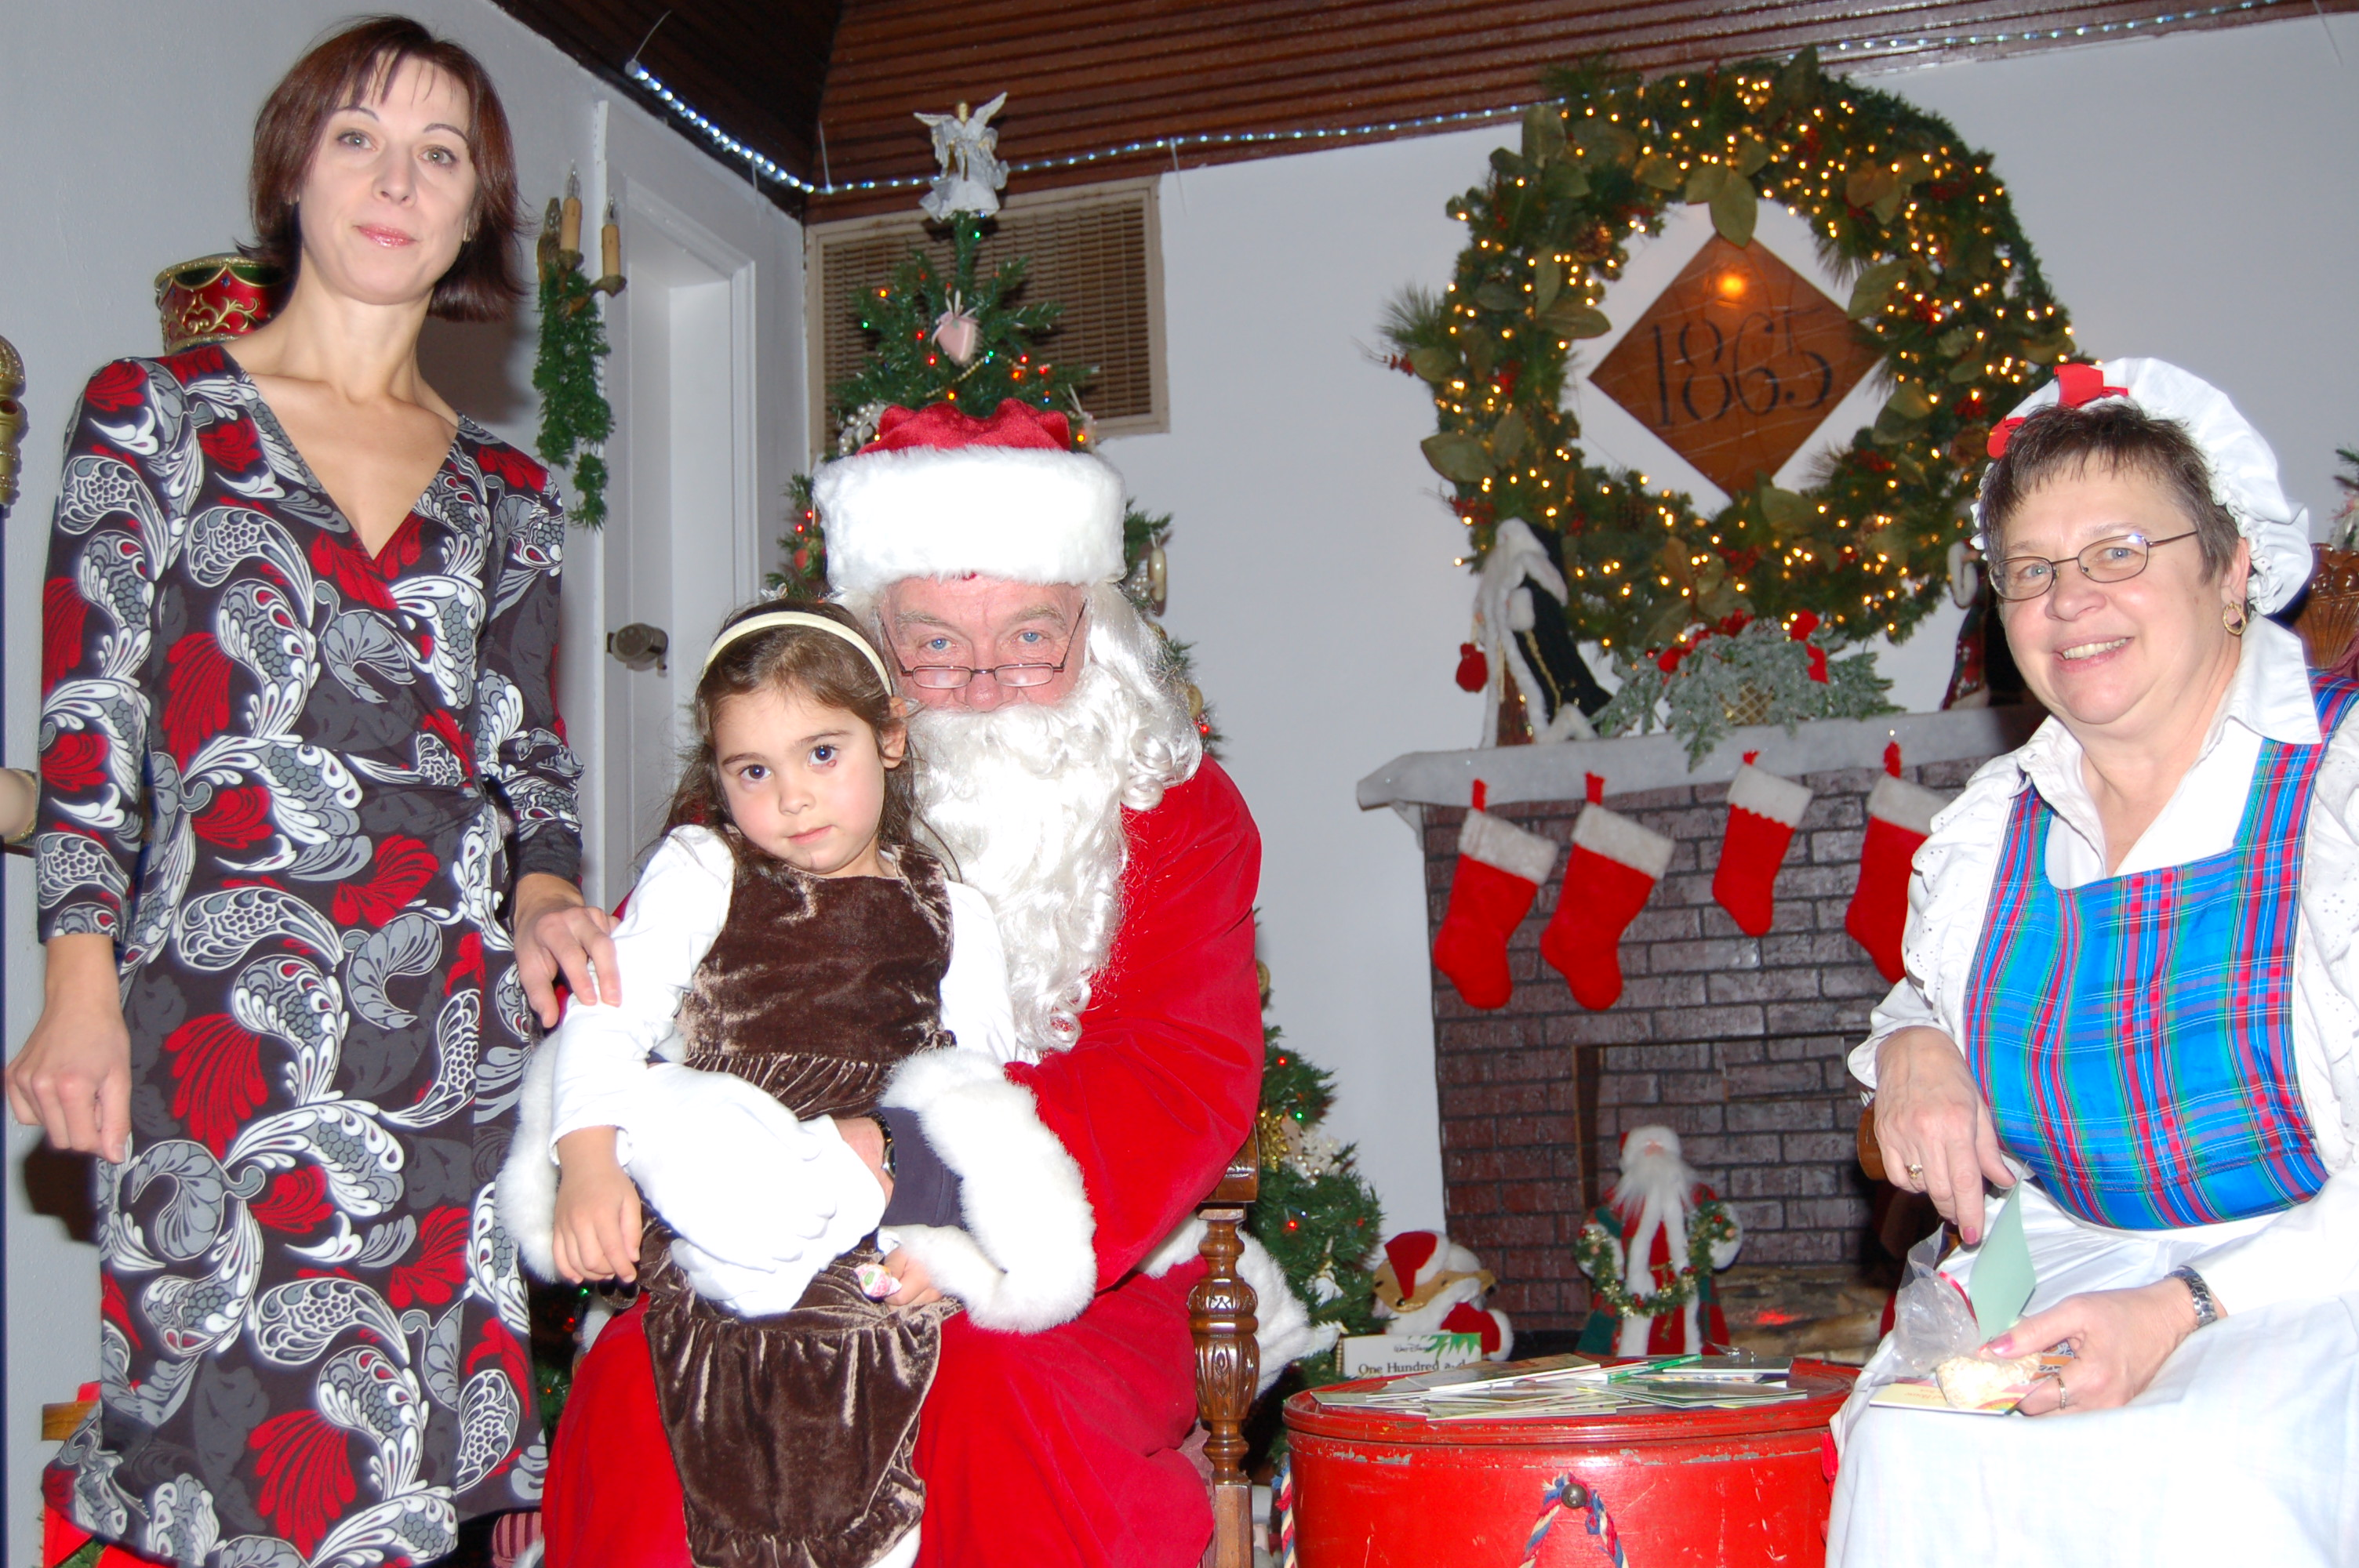 LolliPop+Lane+12-11-2008+Picture+046.jpg